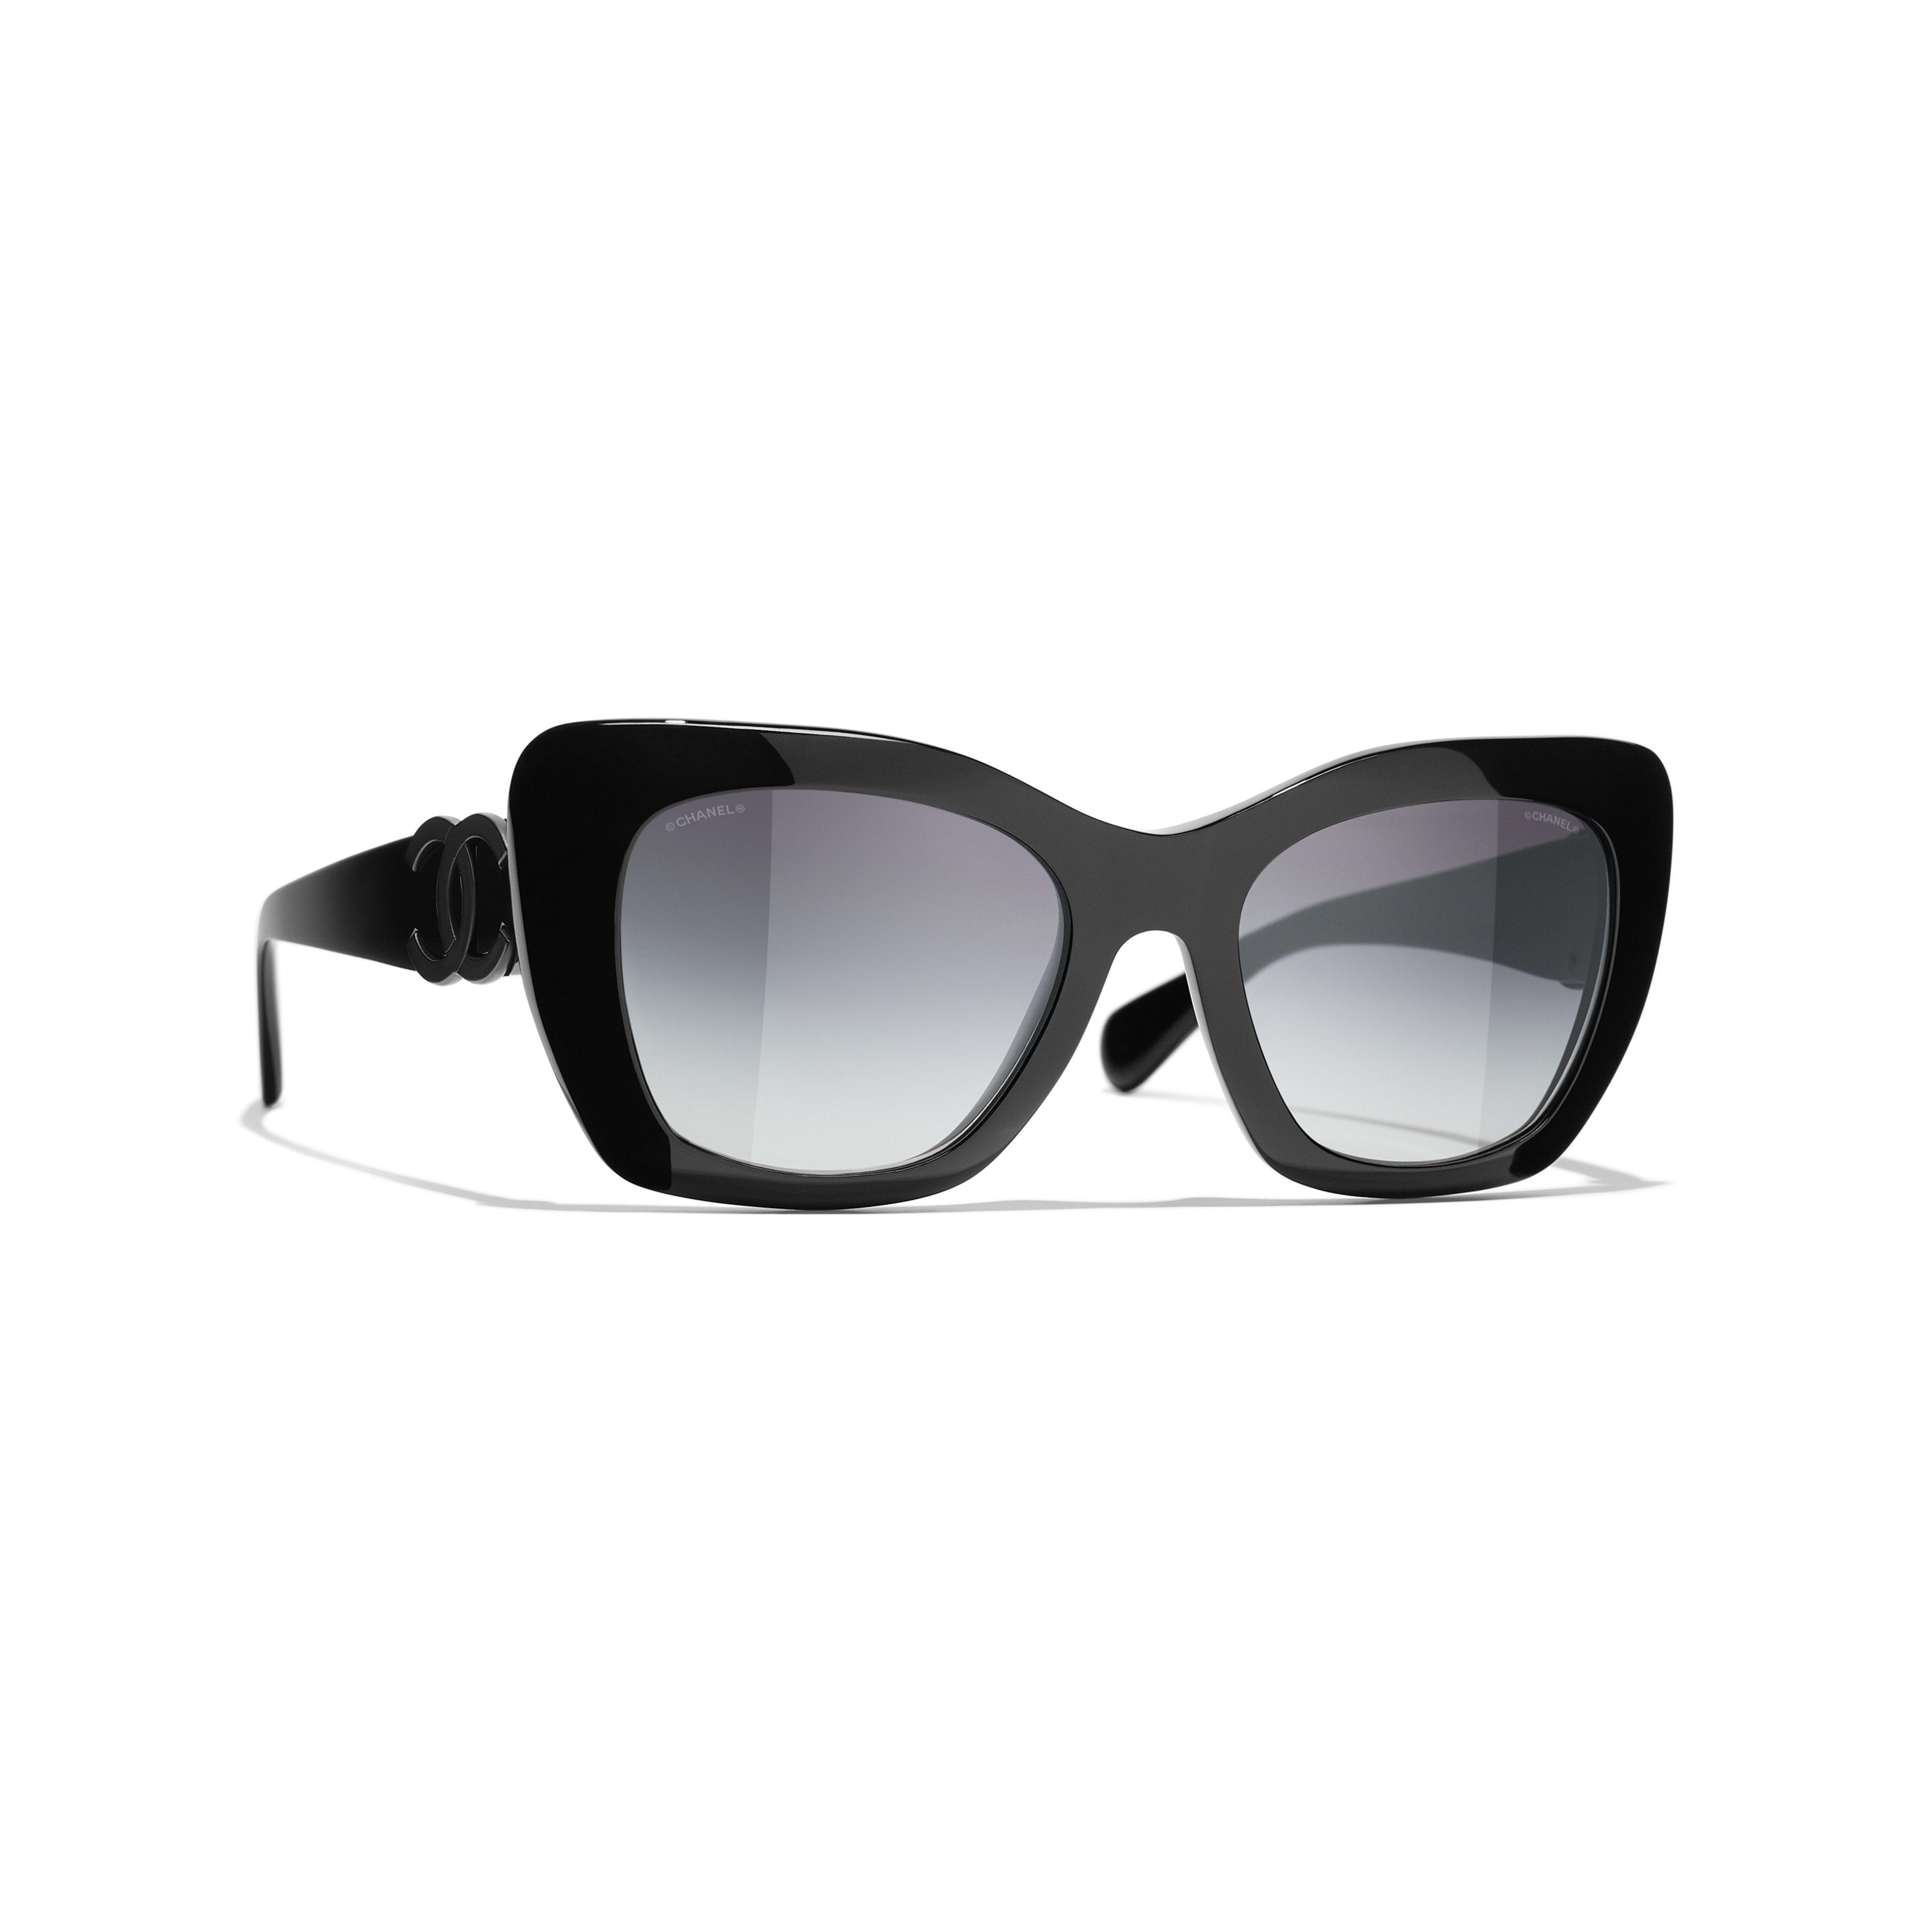 Óculos de sol com formato felino - Preto - Acetato - CHANEL - Vista predefinida - ver a versão em tamanho standard